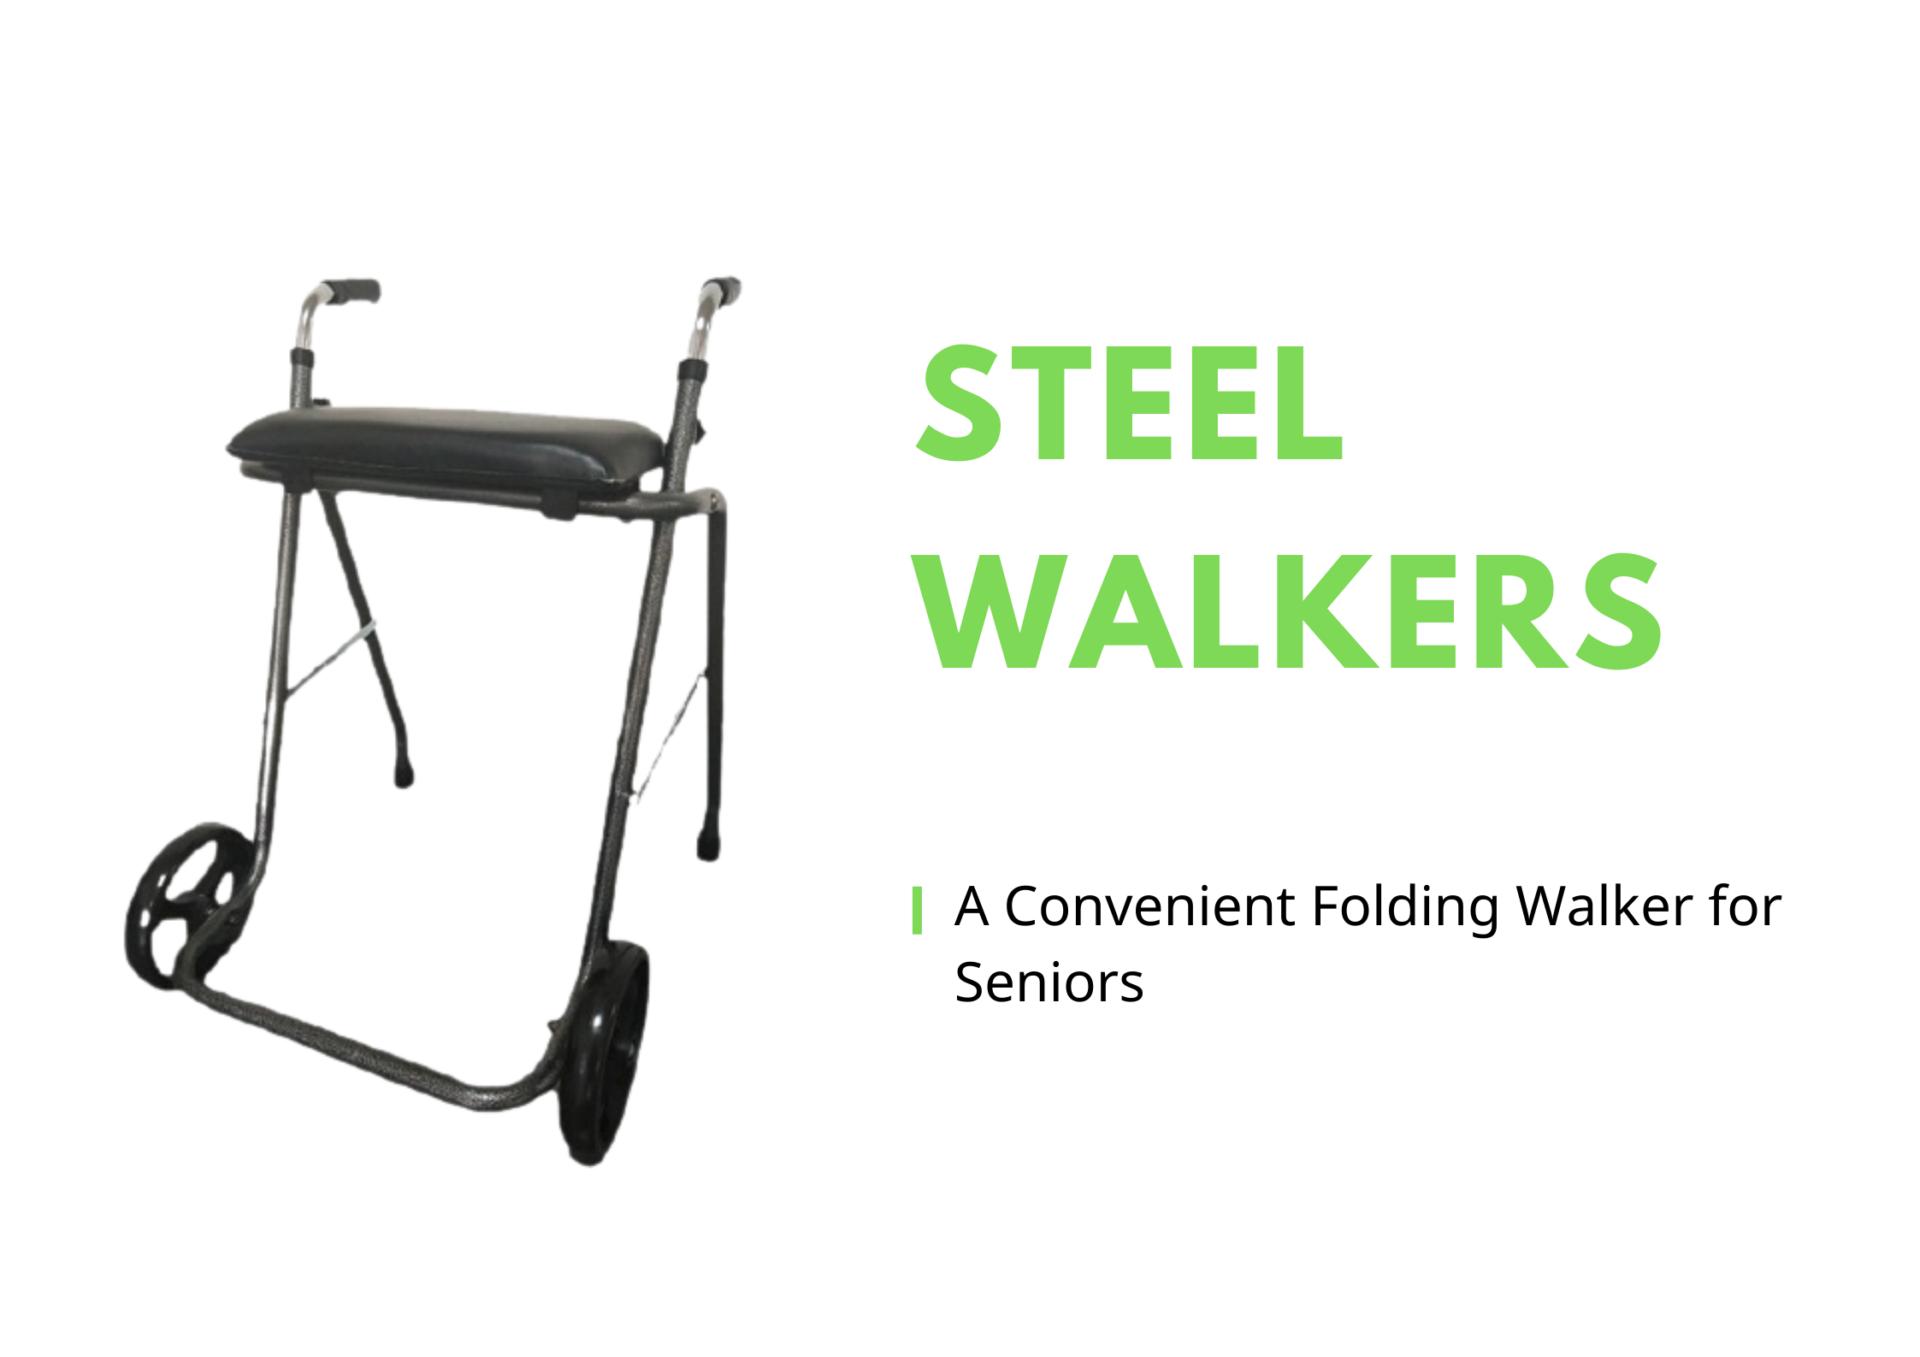 Steel Walkers